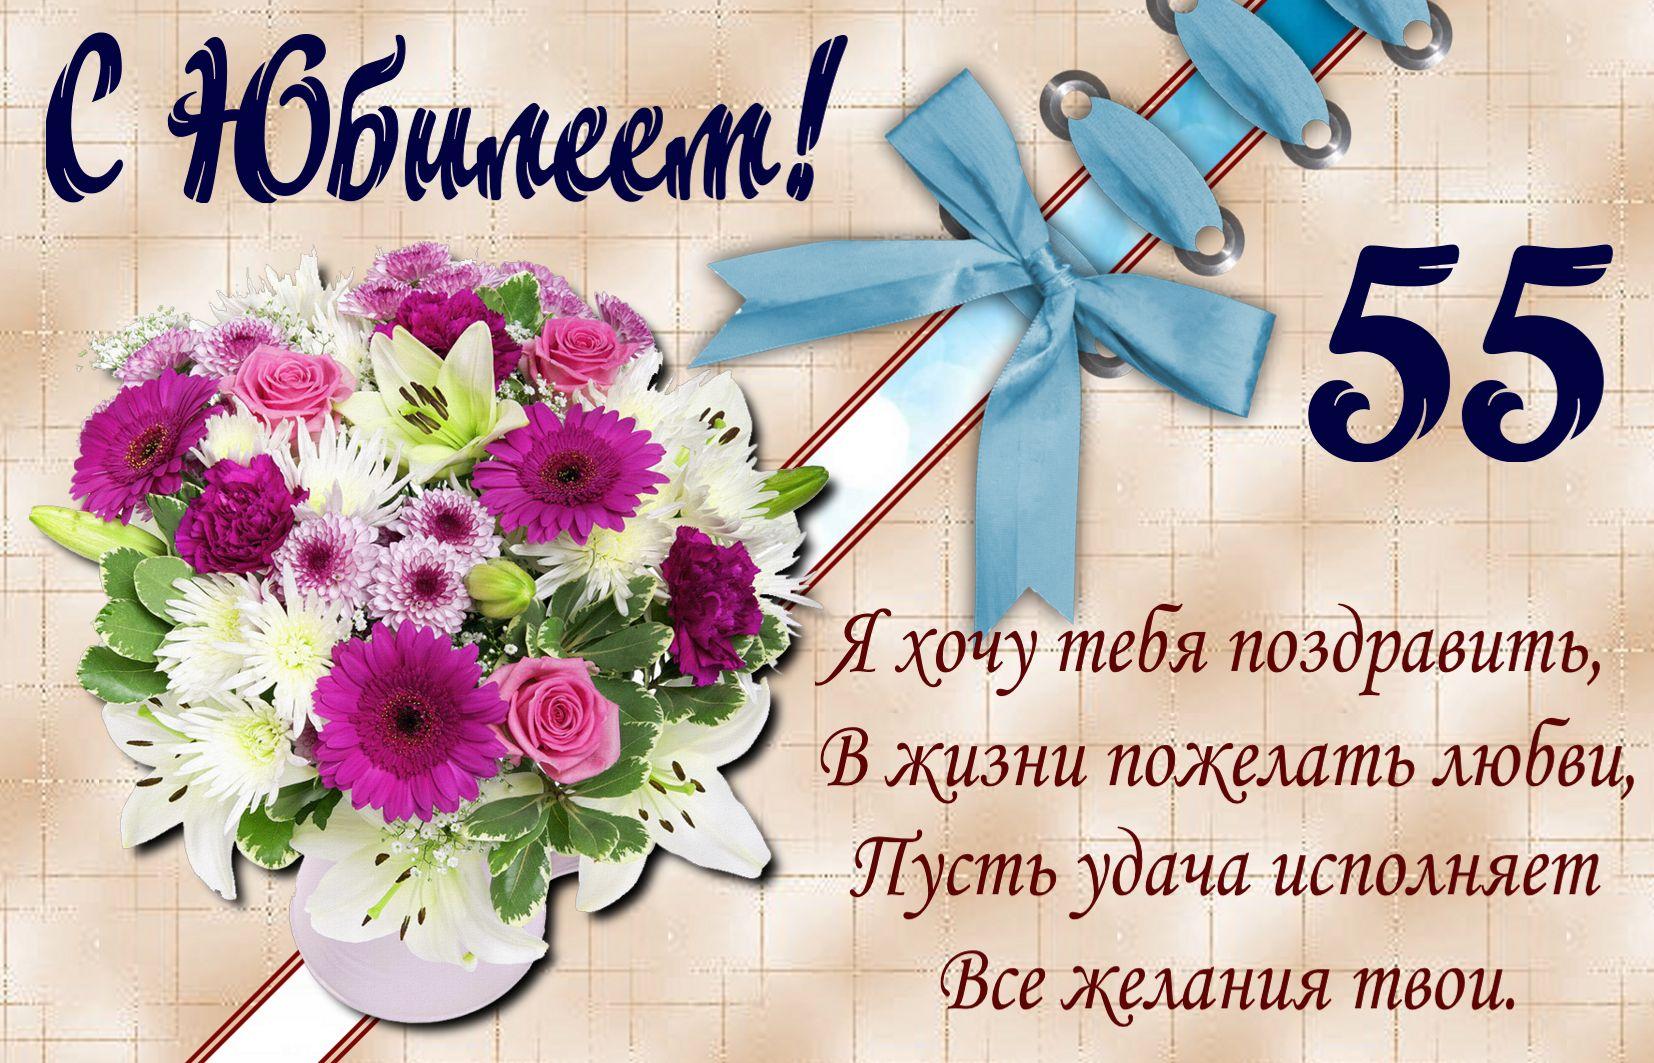 Открытка на 55 лет - пожелание к юбилею с букетом цветов